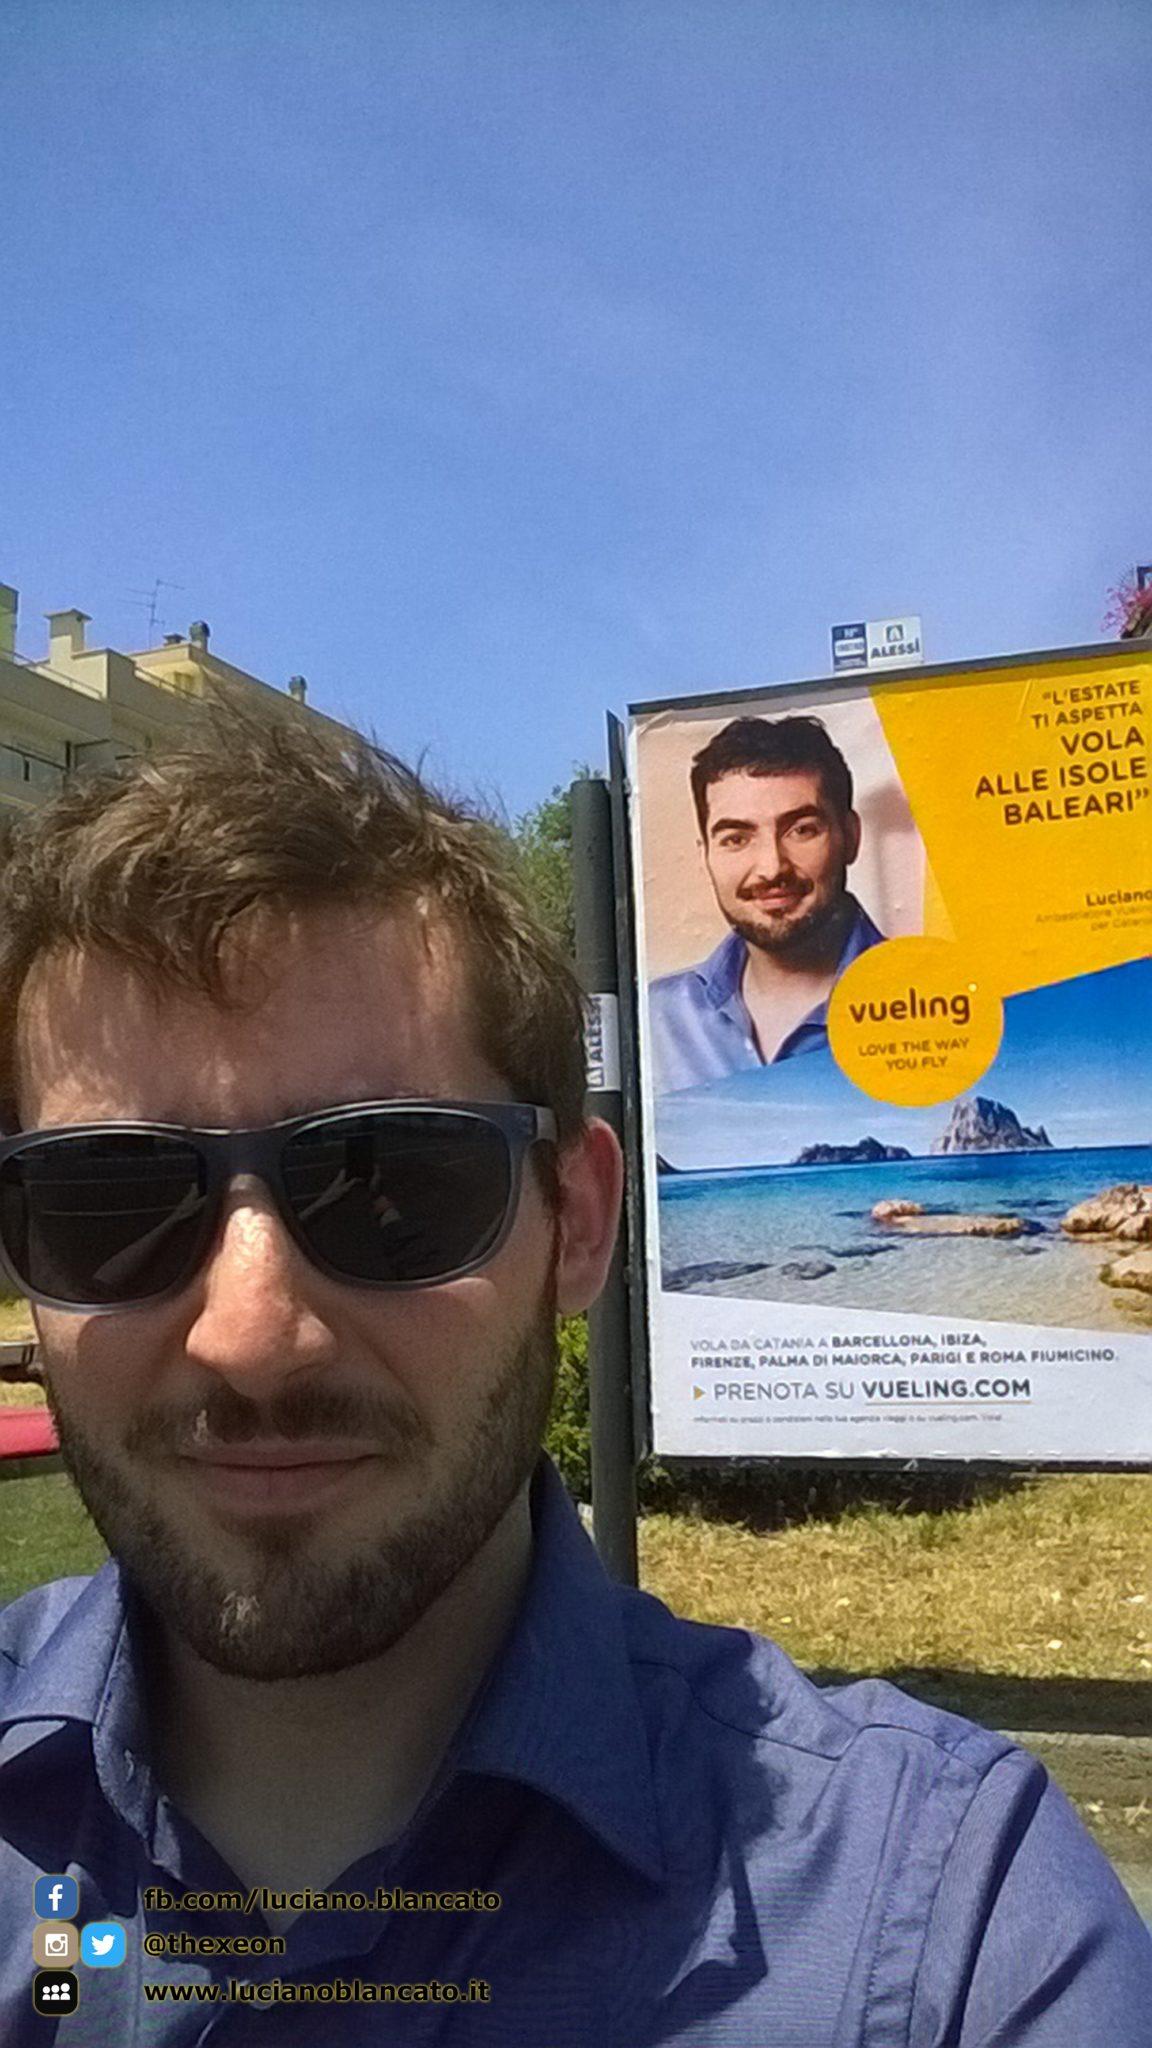 copy_9_Pubblicità Vueling a Catania (CT) - #VuelingAmbassador